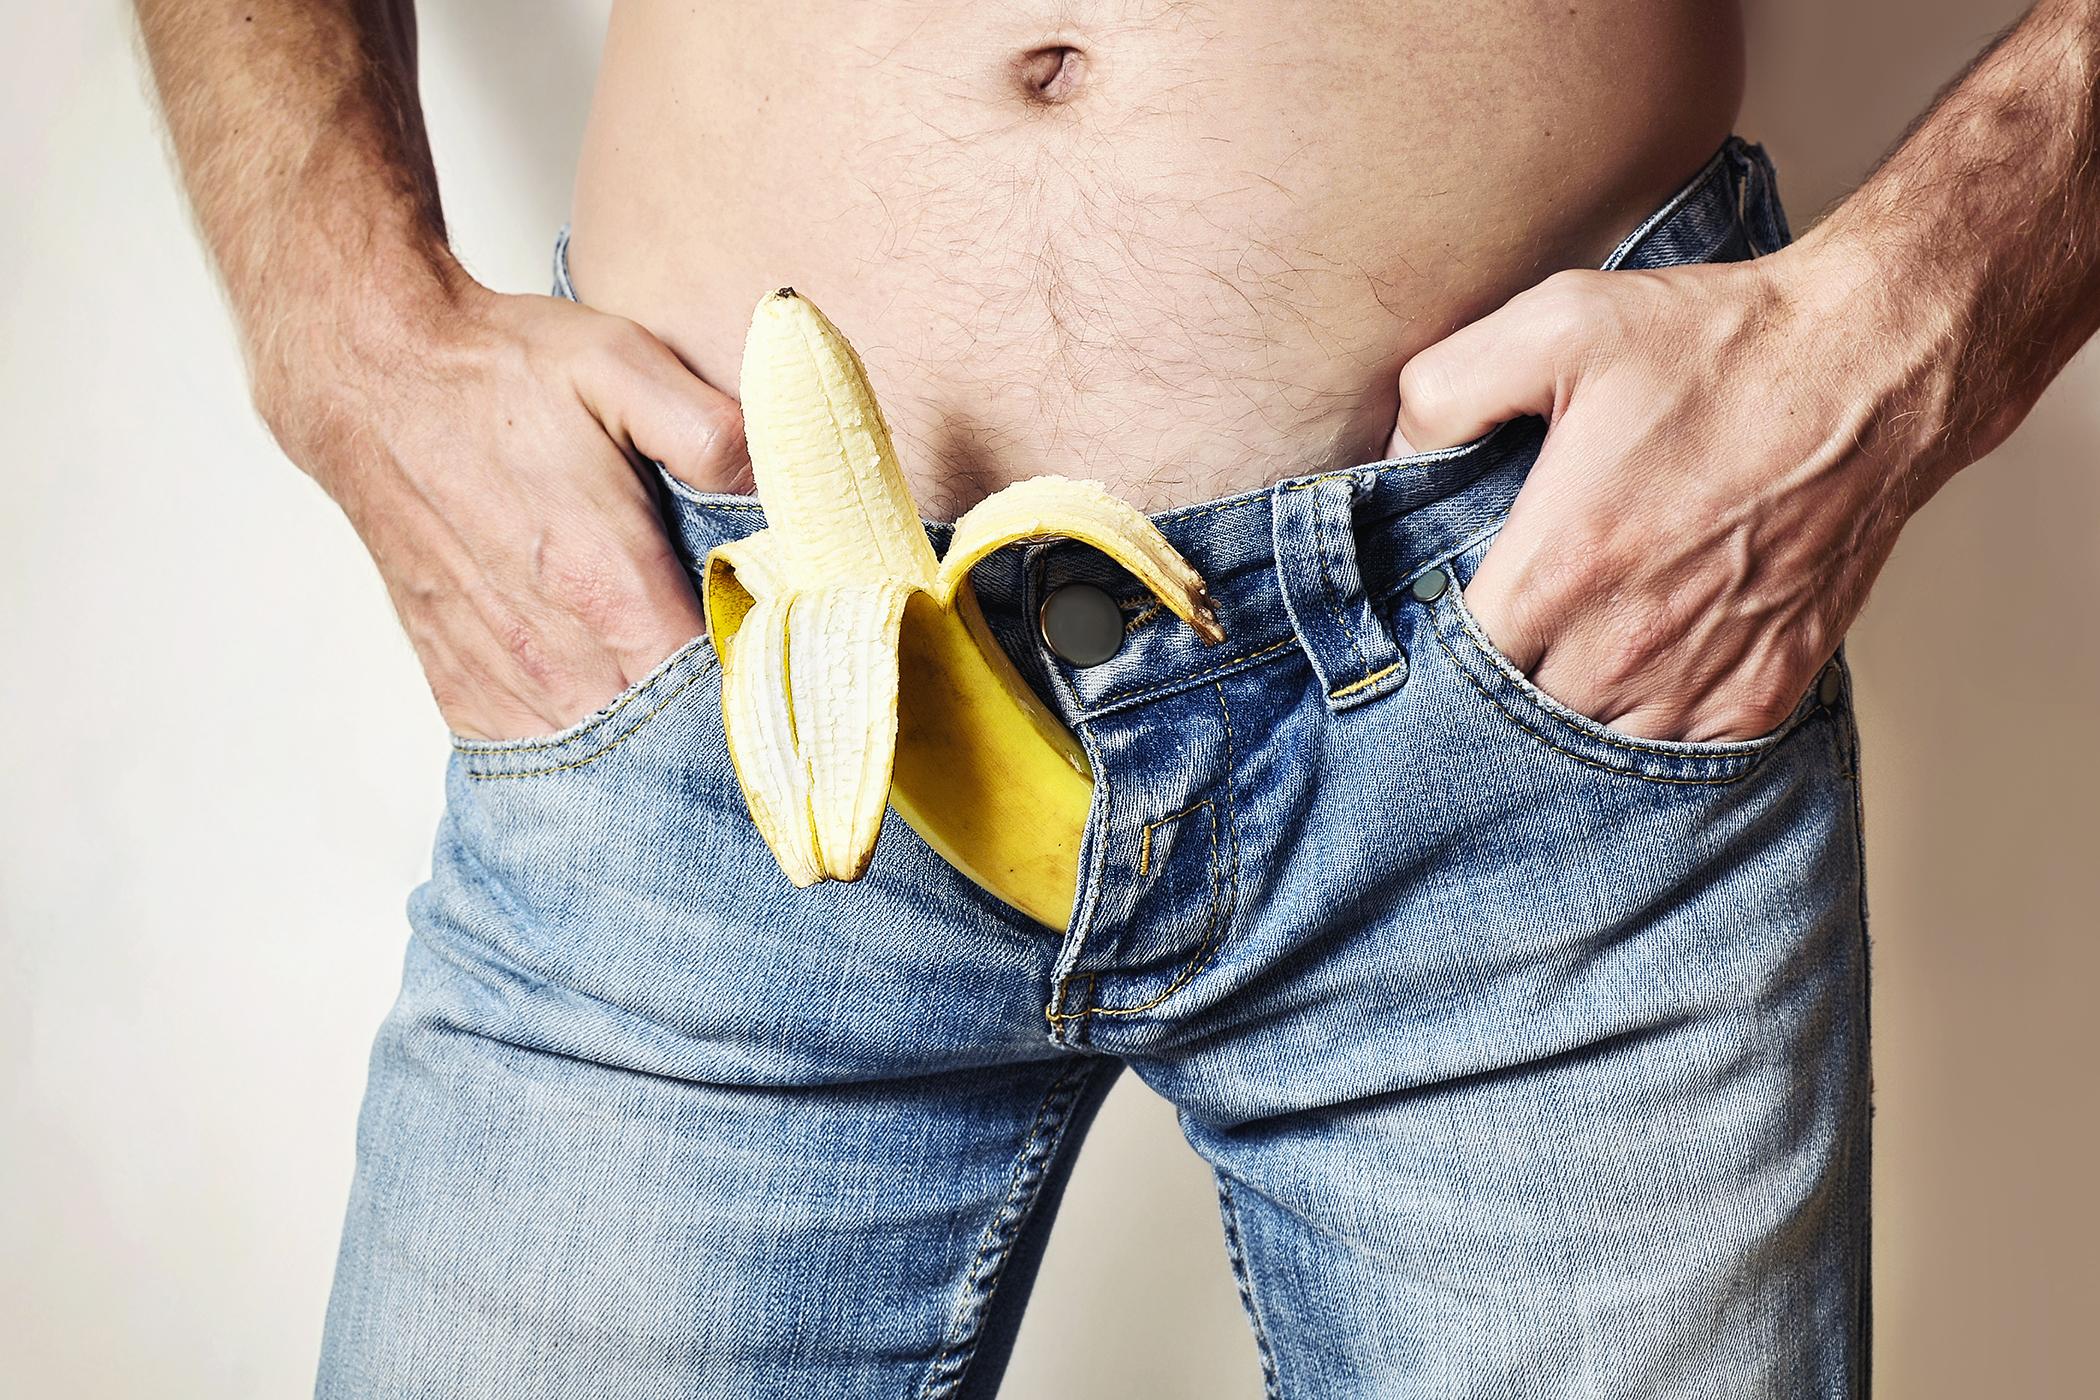 hogyan lehet erekciót felemelni 60 évesen